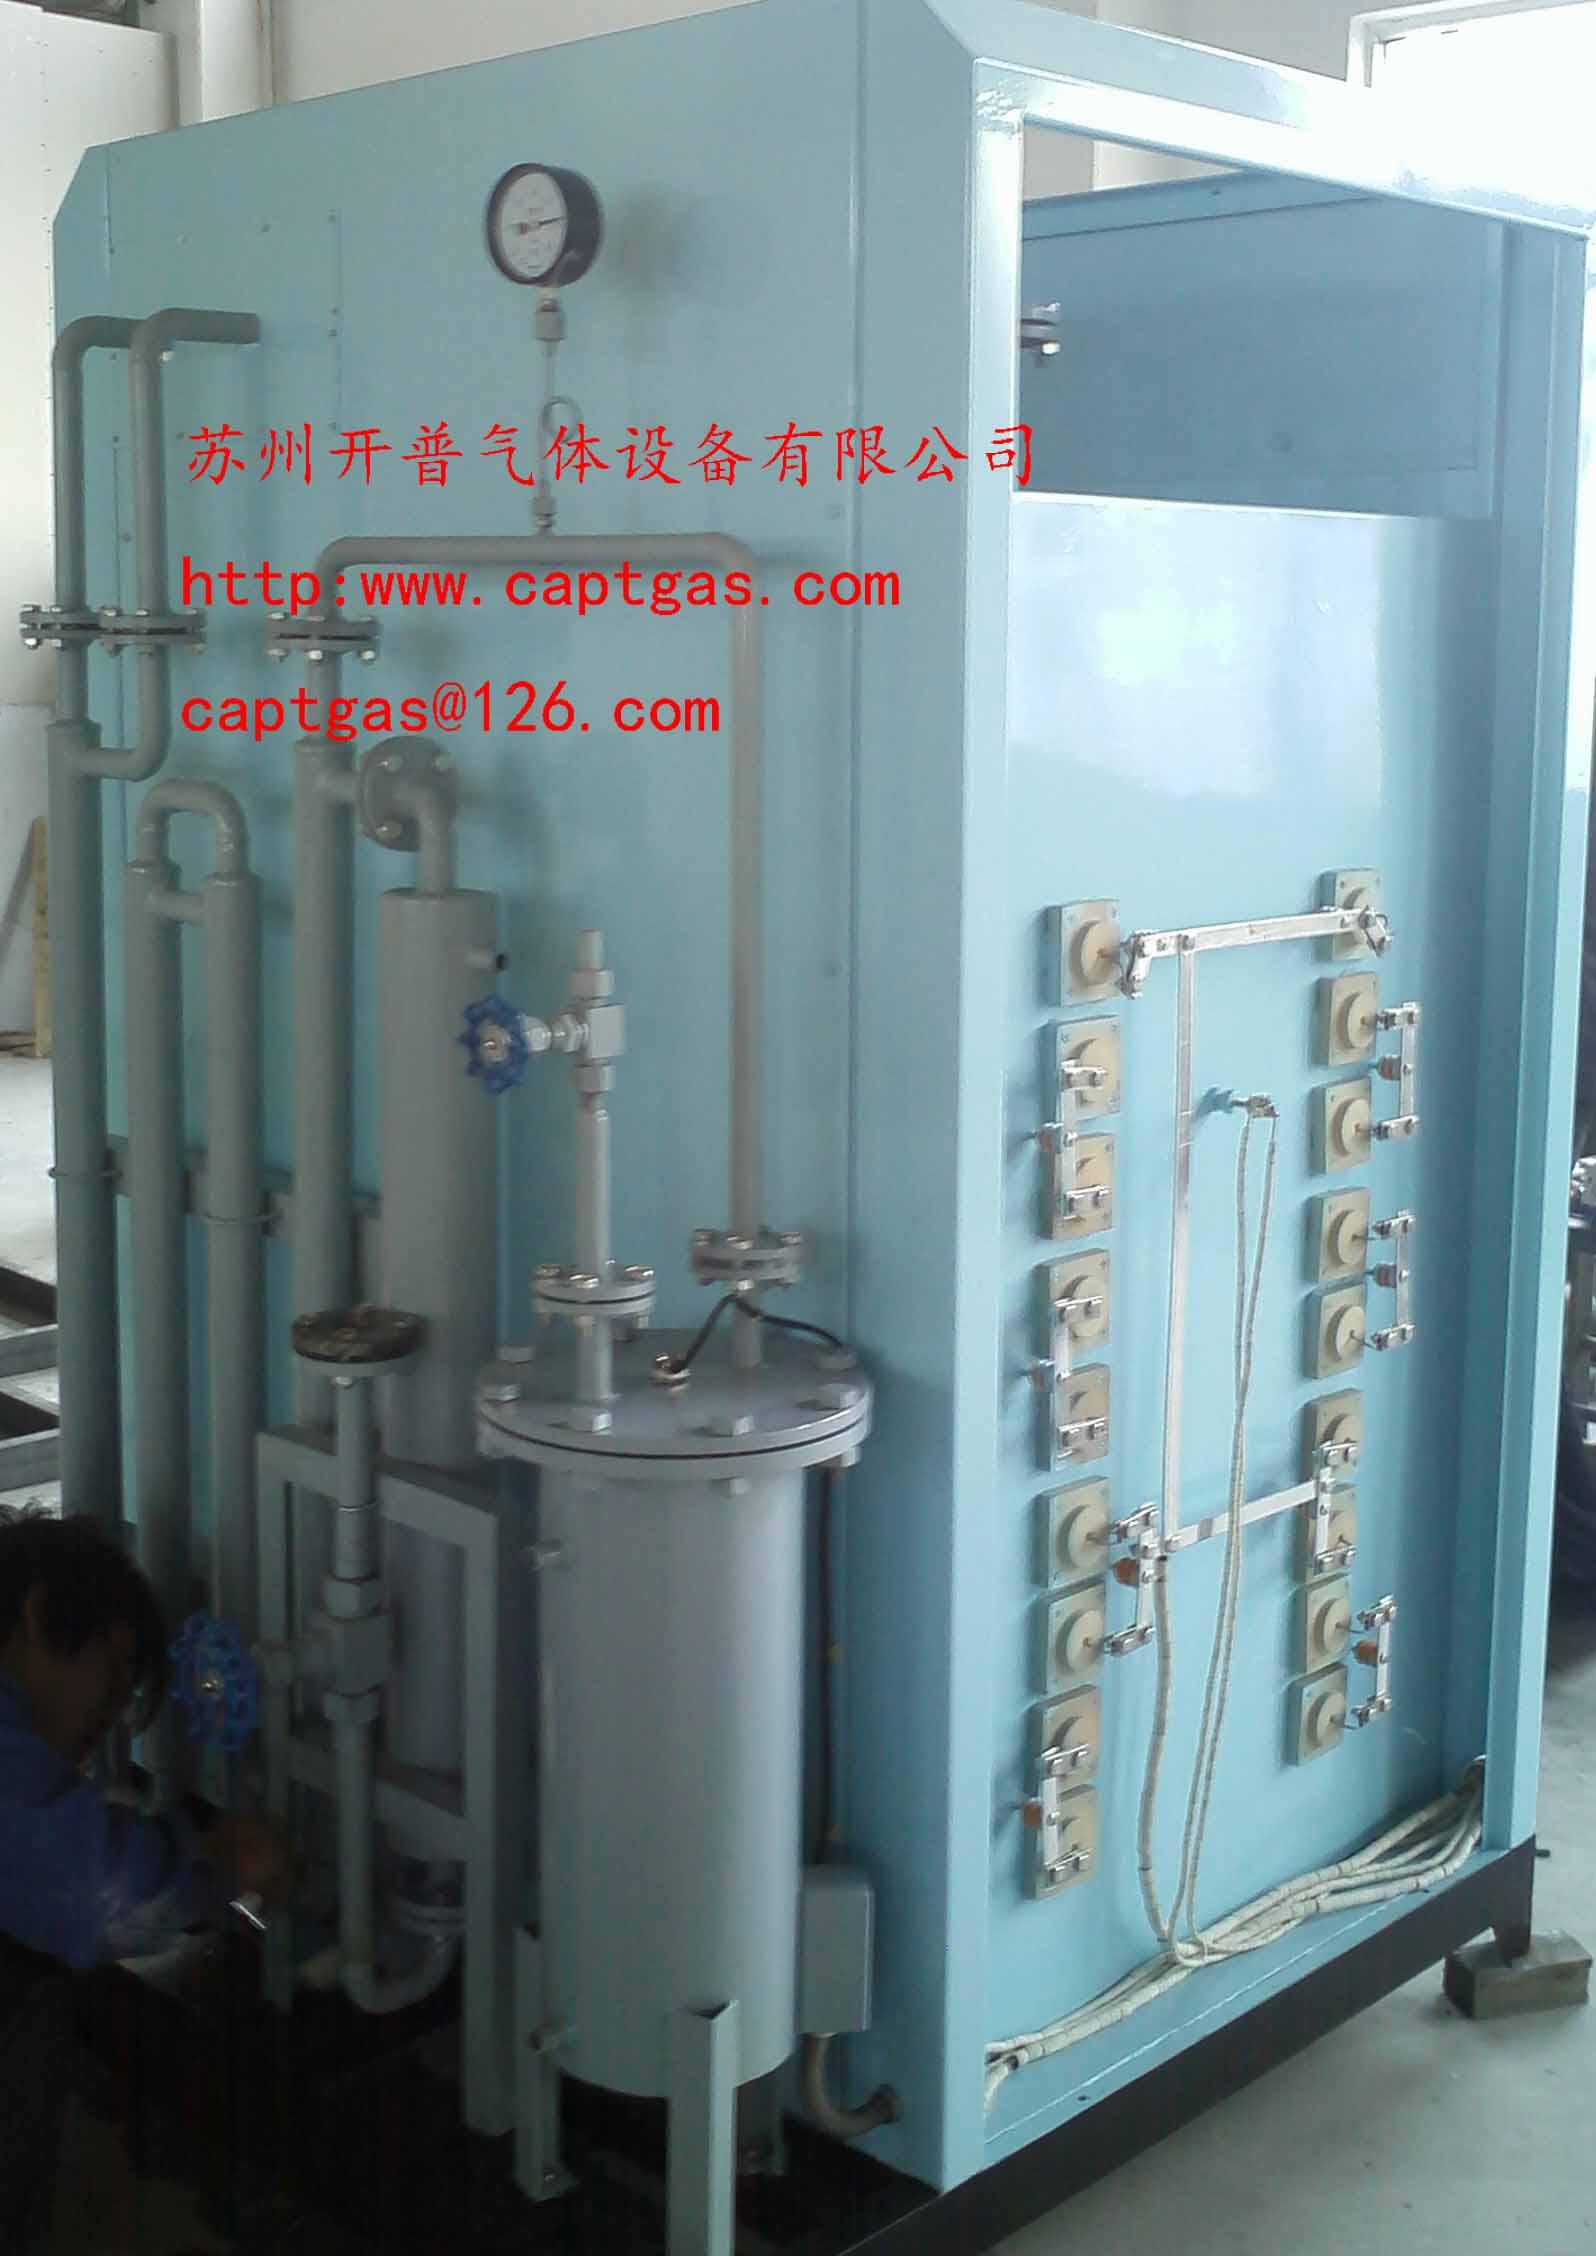 供应氨分解气体发生装置,氨分解专用减压阀,镍触媒、氨减压阀